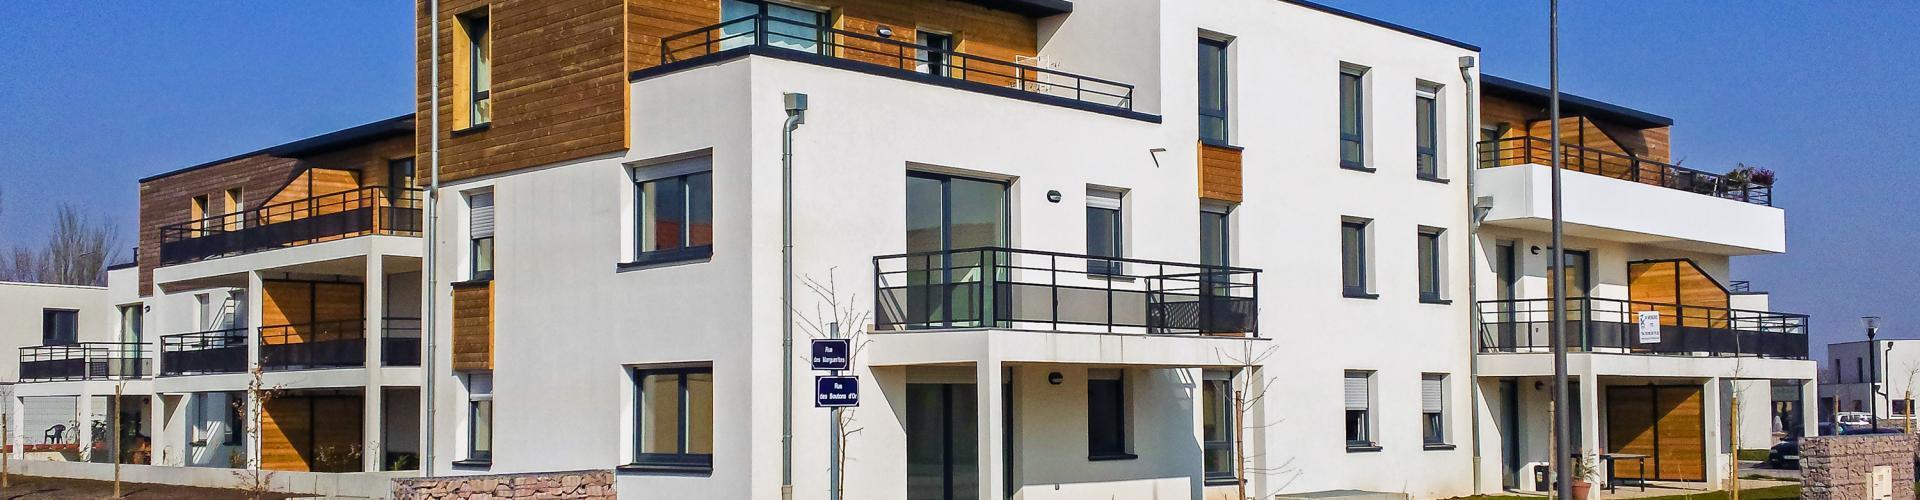 Programme immobilier neuf Les Prés Fleuris - Dambach la ville